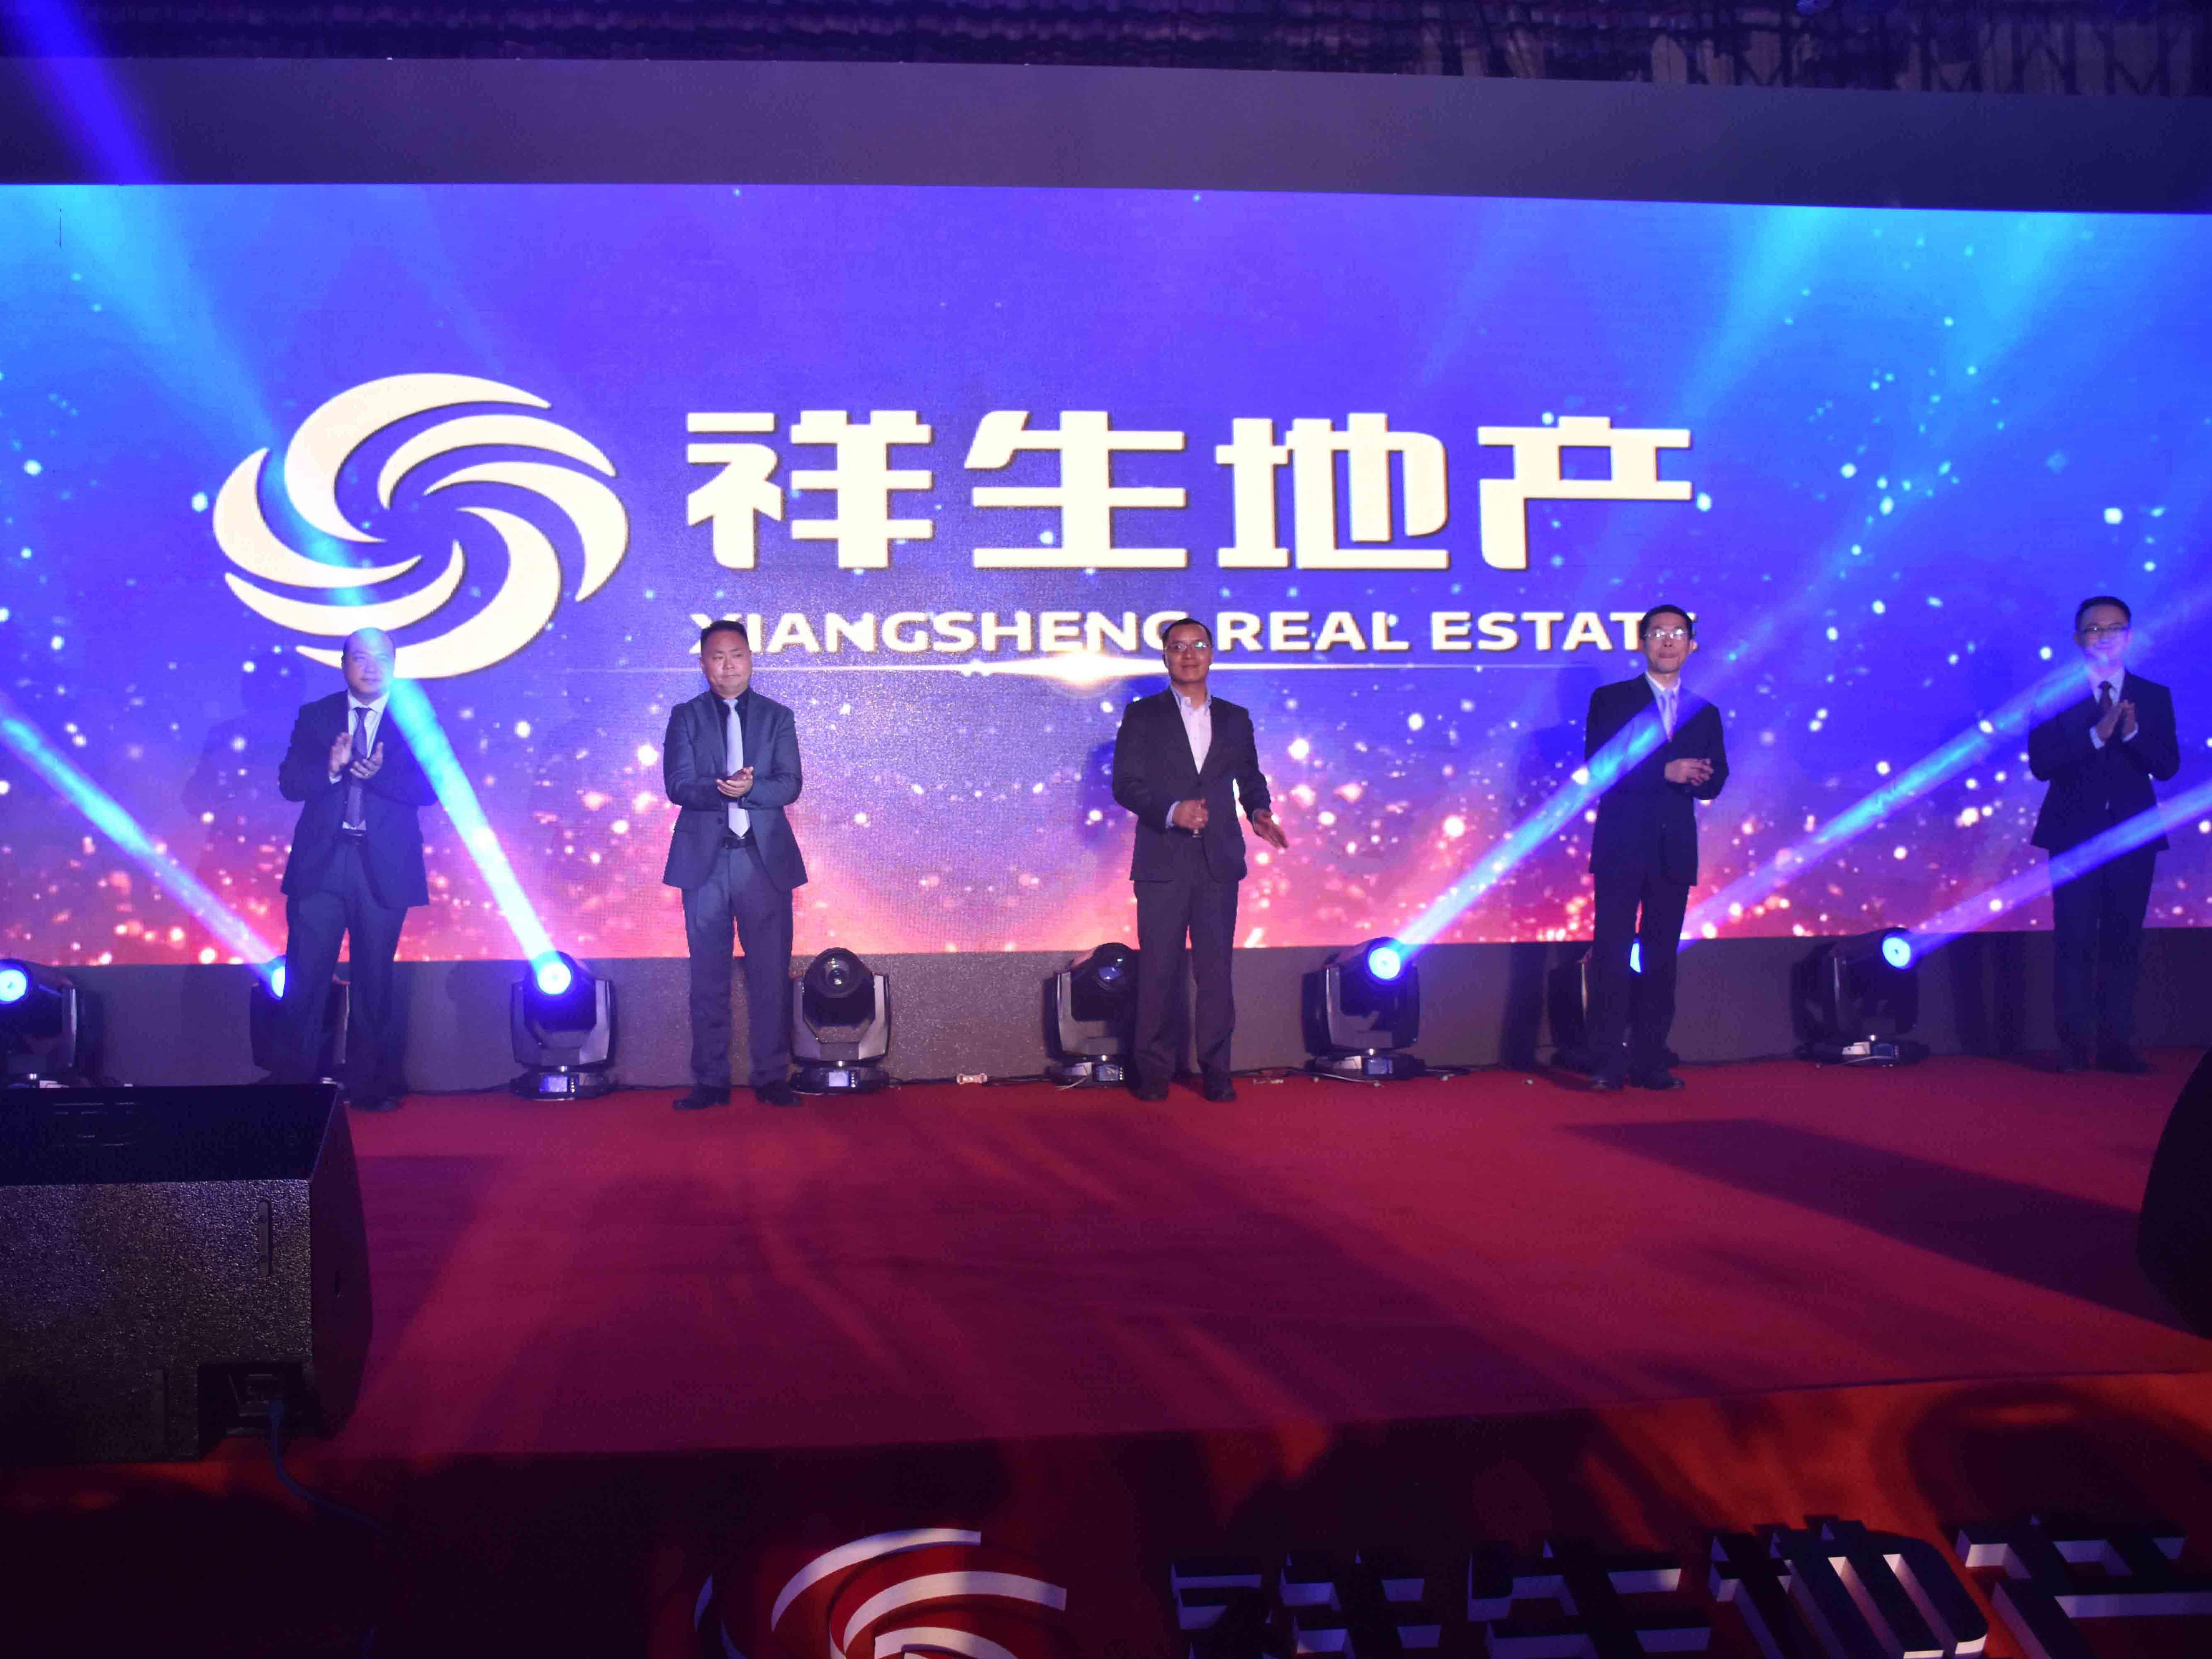 祥瑞生腾星耀禾城 2016祥生地产嘉兴区域品牌发布会圆满落幕